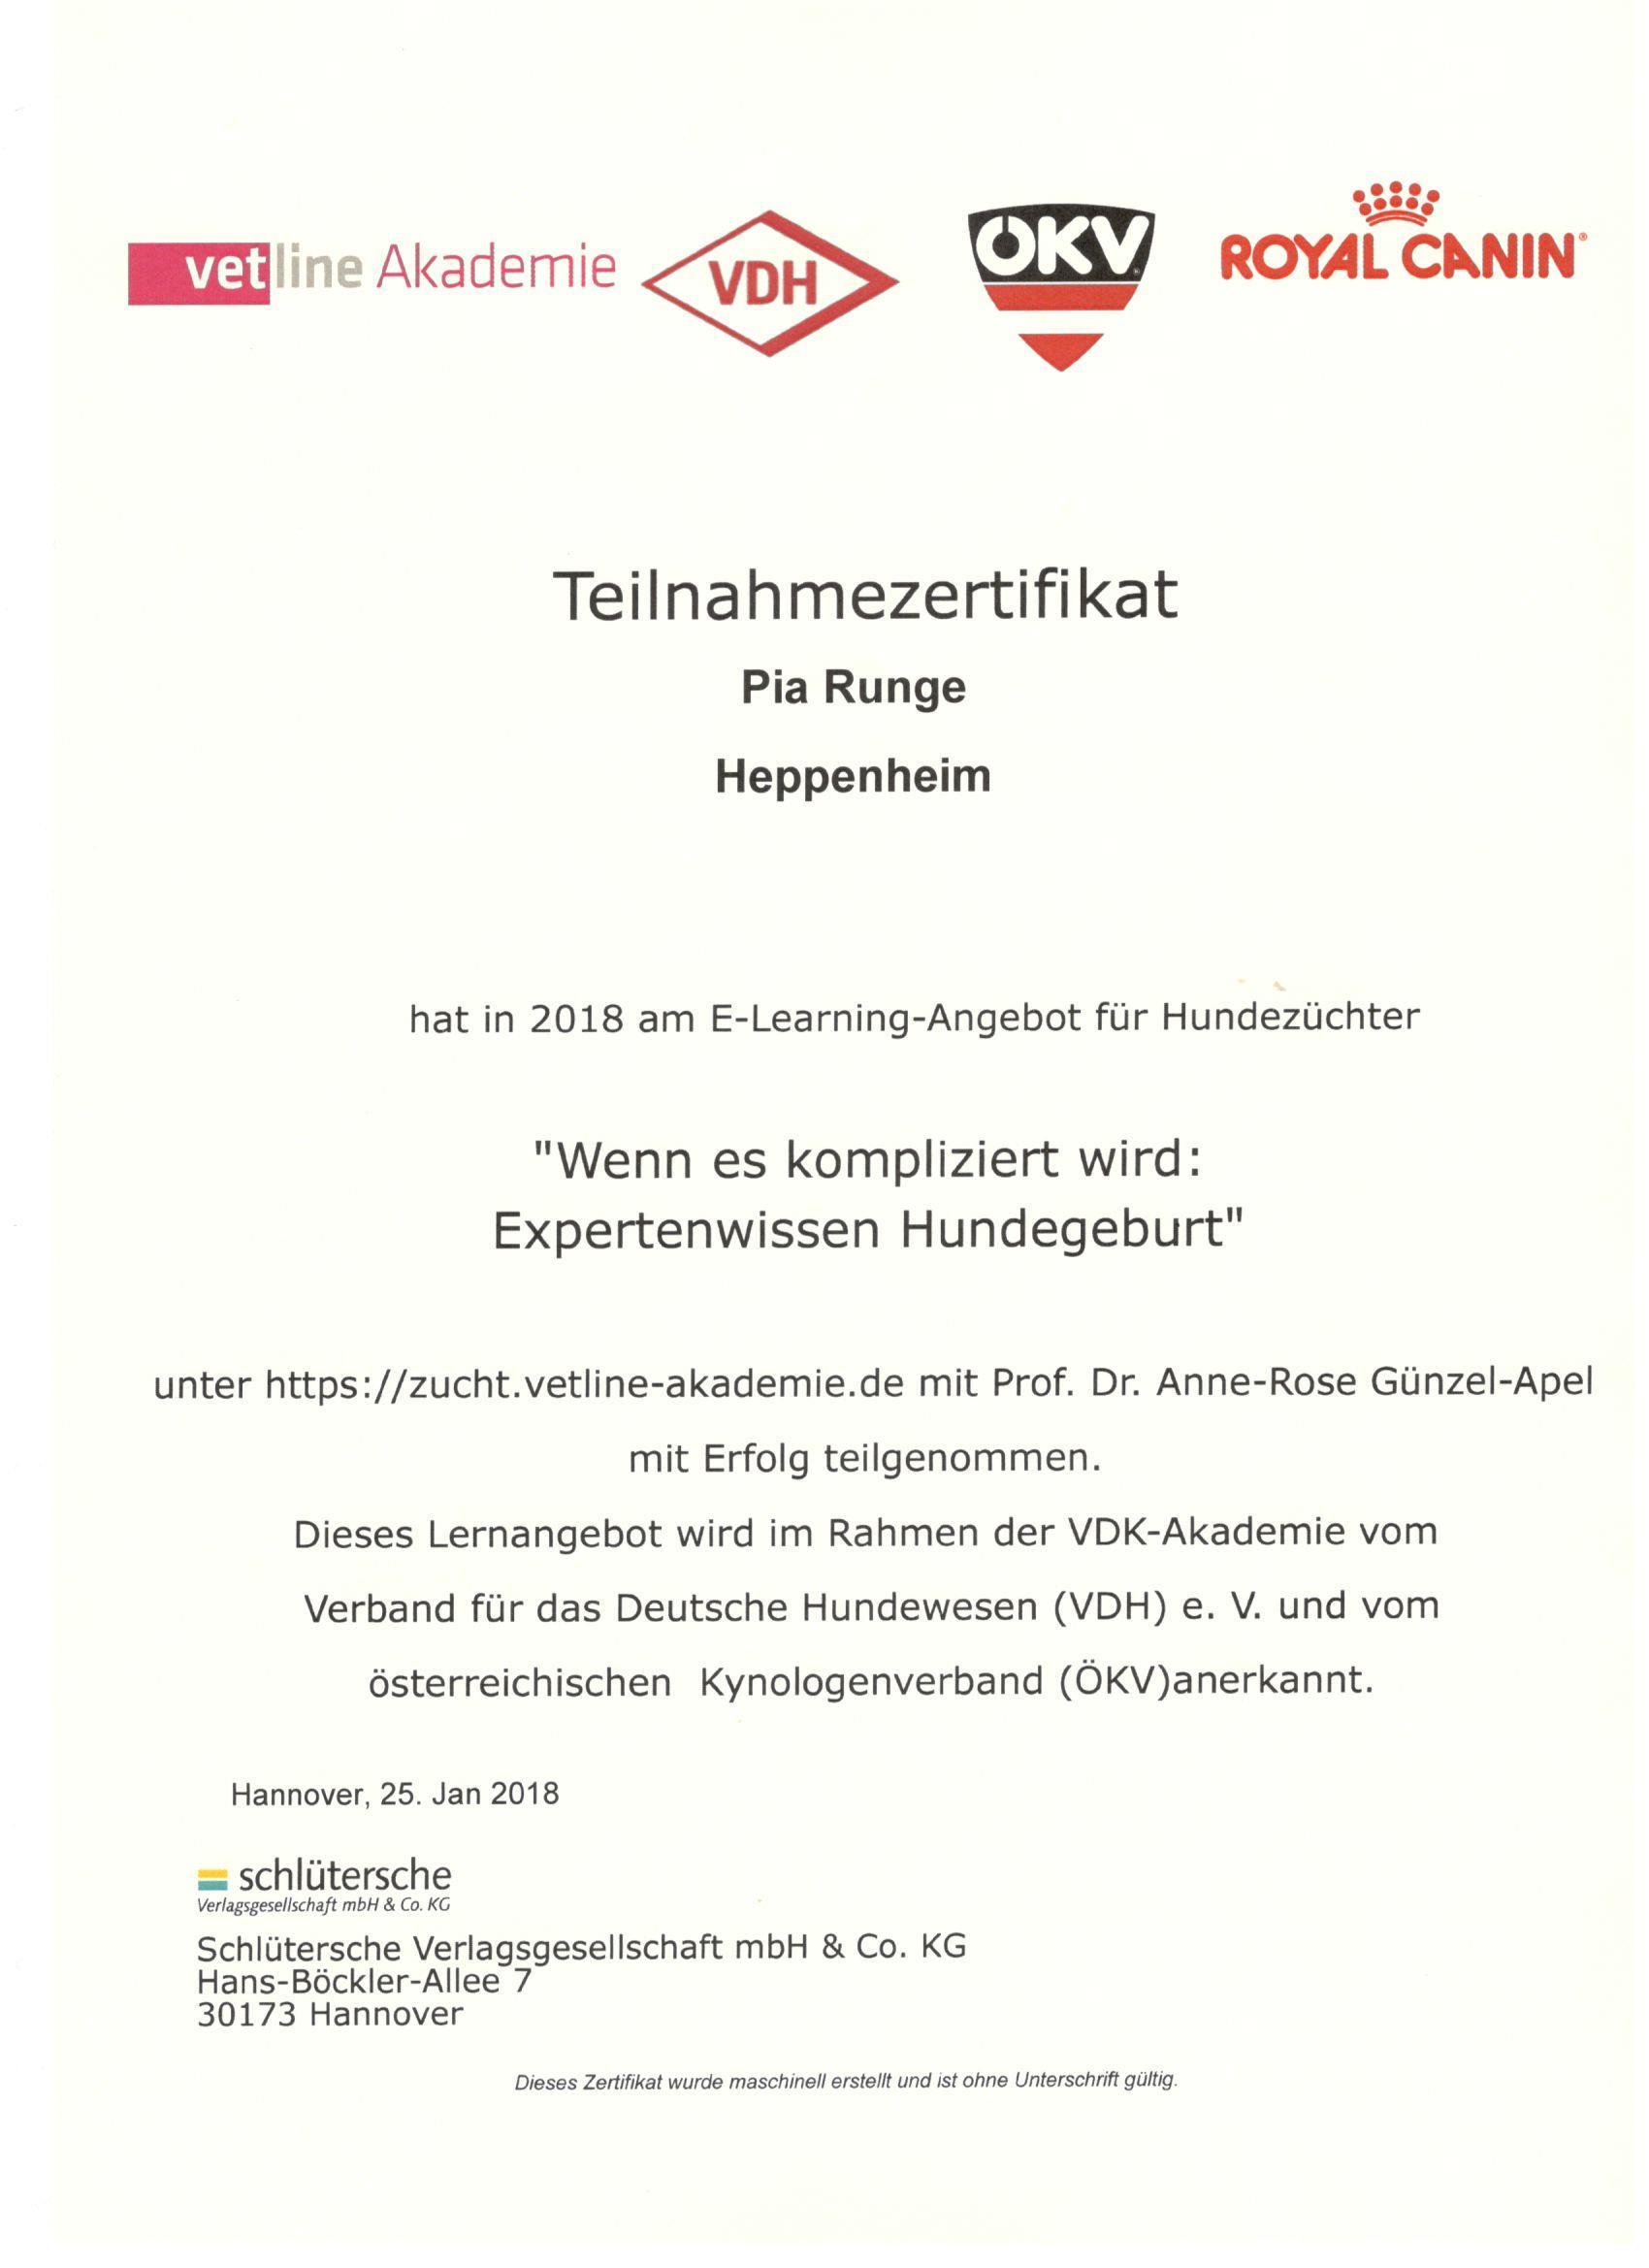 Pia Zerti Geburt VDH   Havaneser vom Heppenheimer Schloßberg